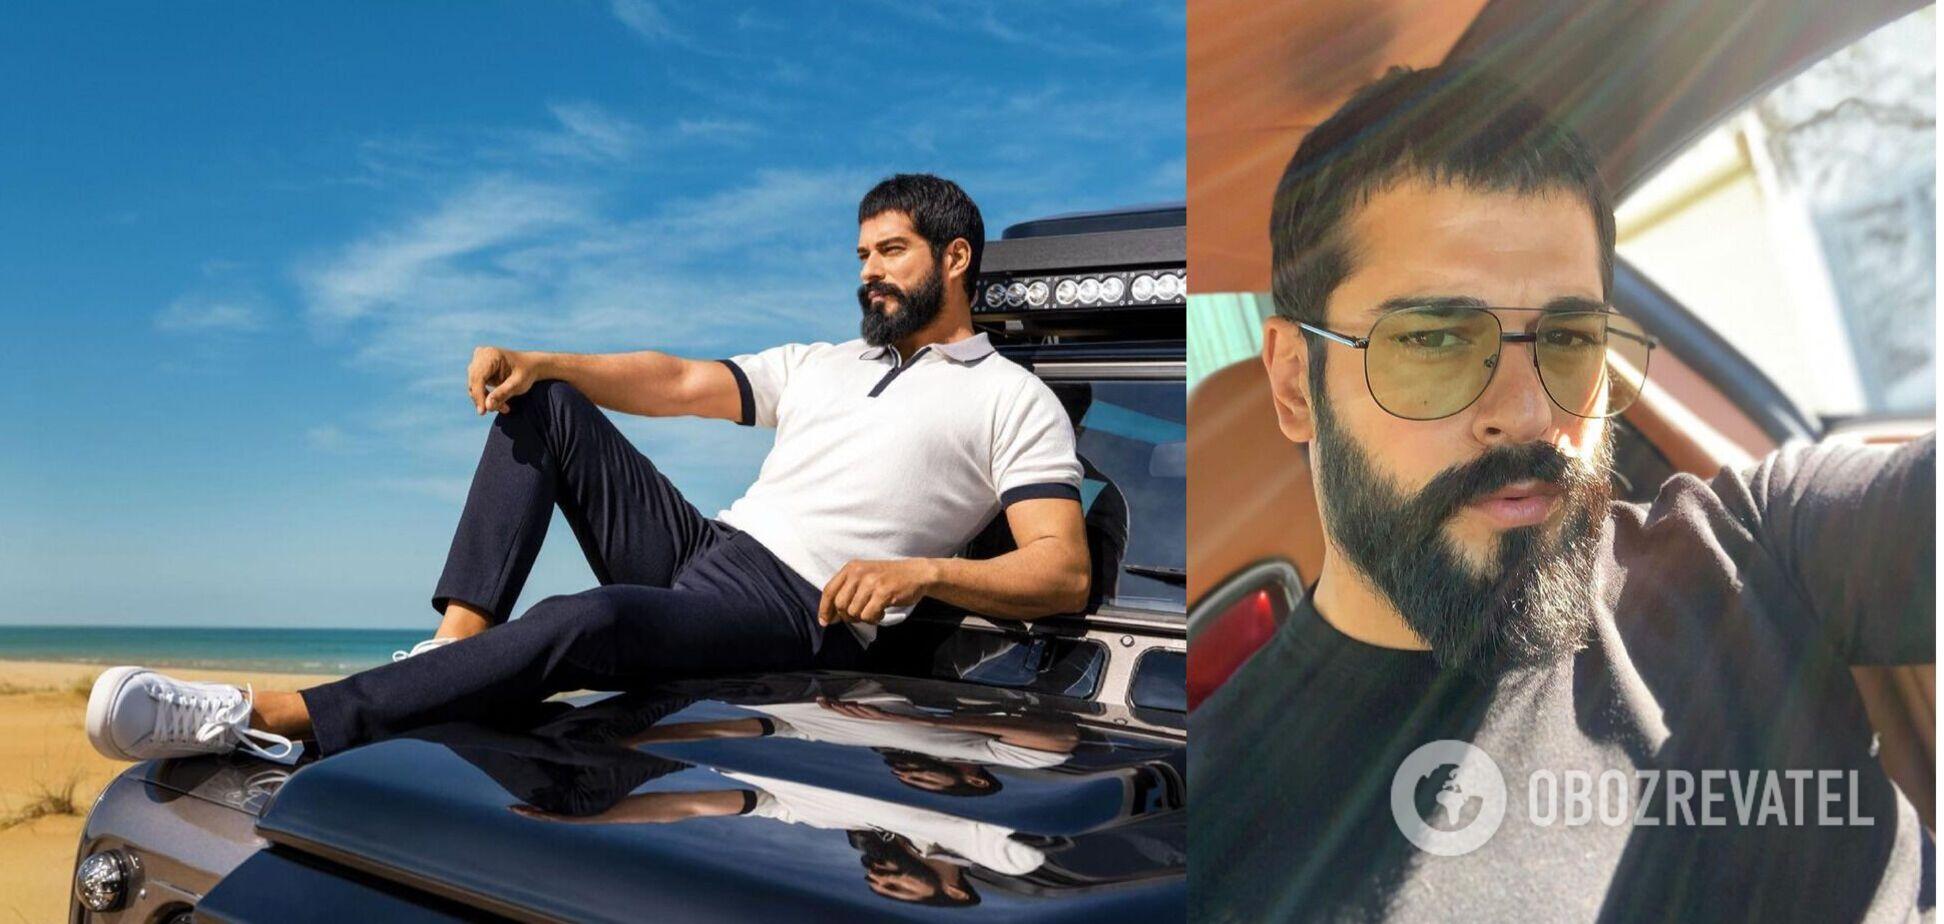 Як виглядає найкрасивіший турецький актор Бурак Озчівіт в звичайному житті. Фото